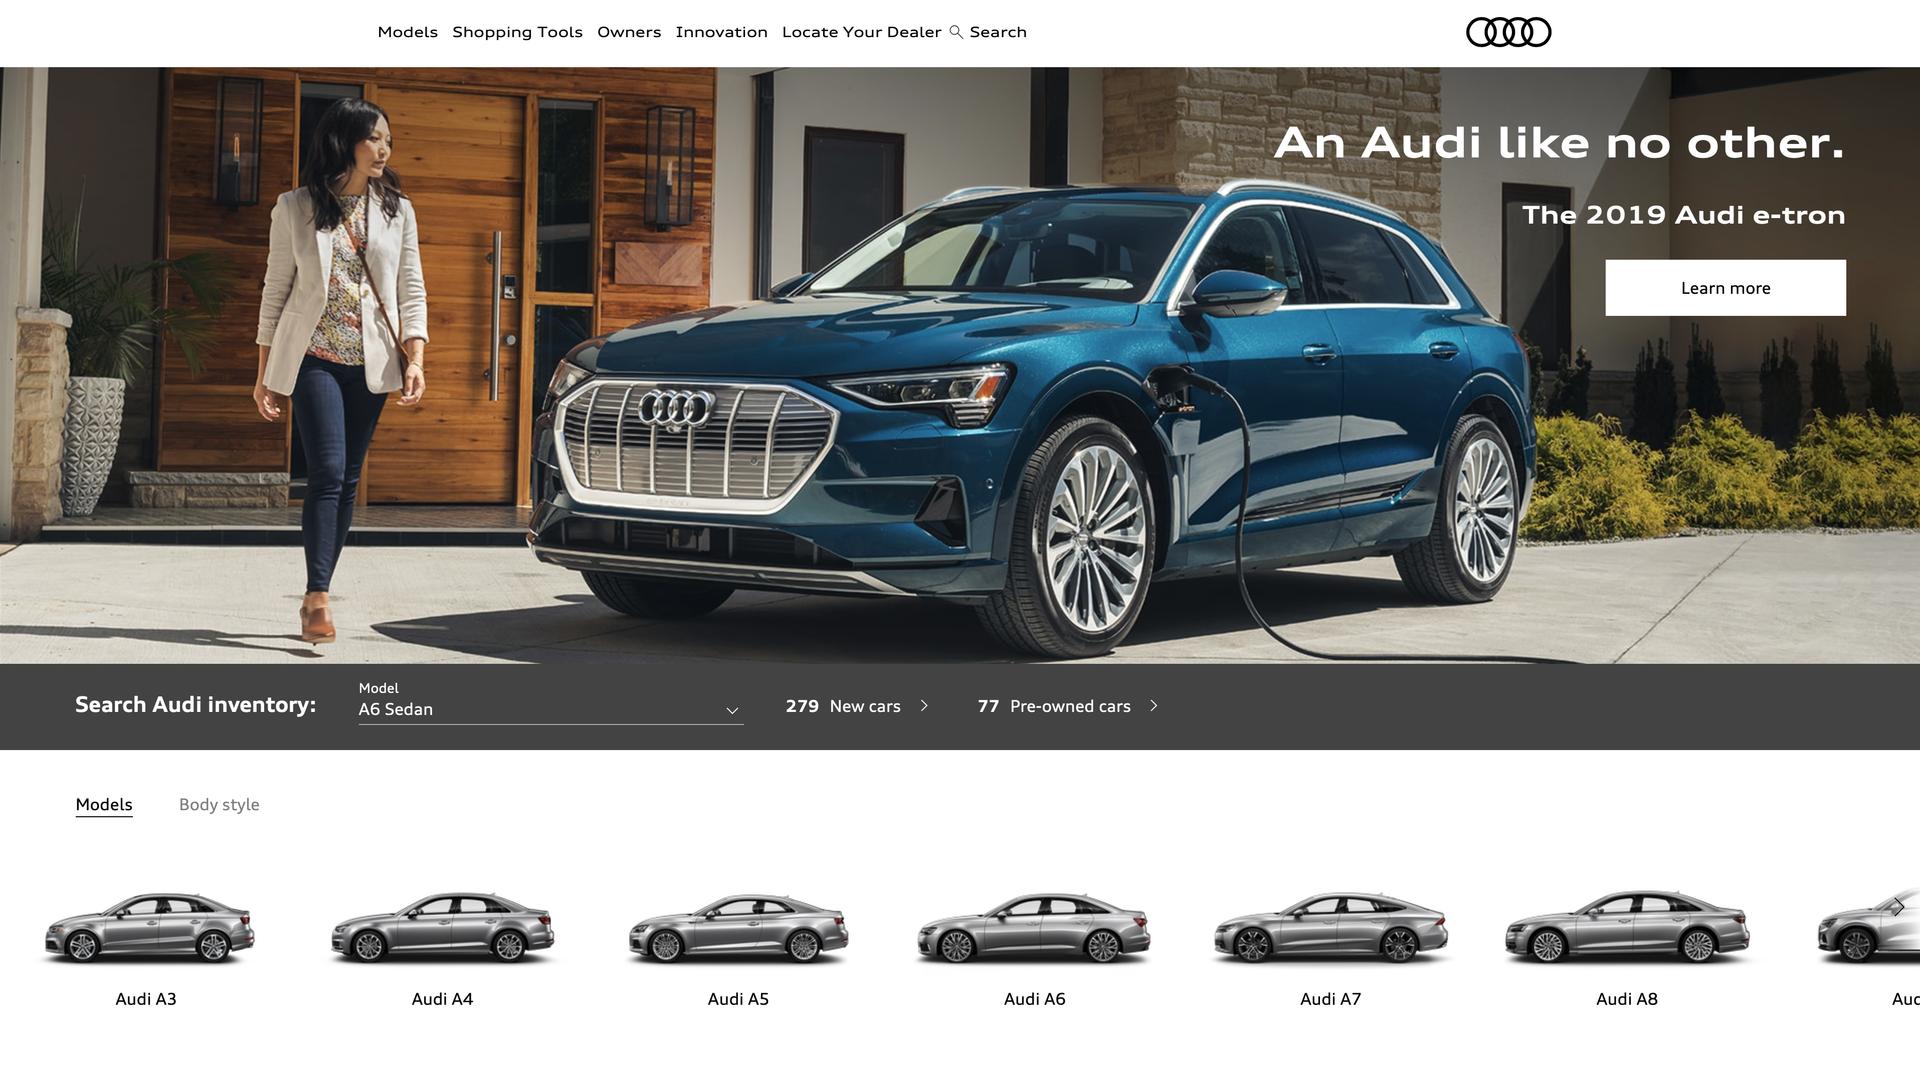 Тестдрайв Audi e-tron - 2